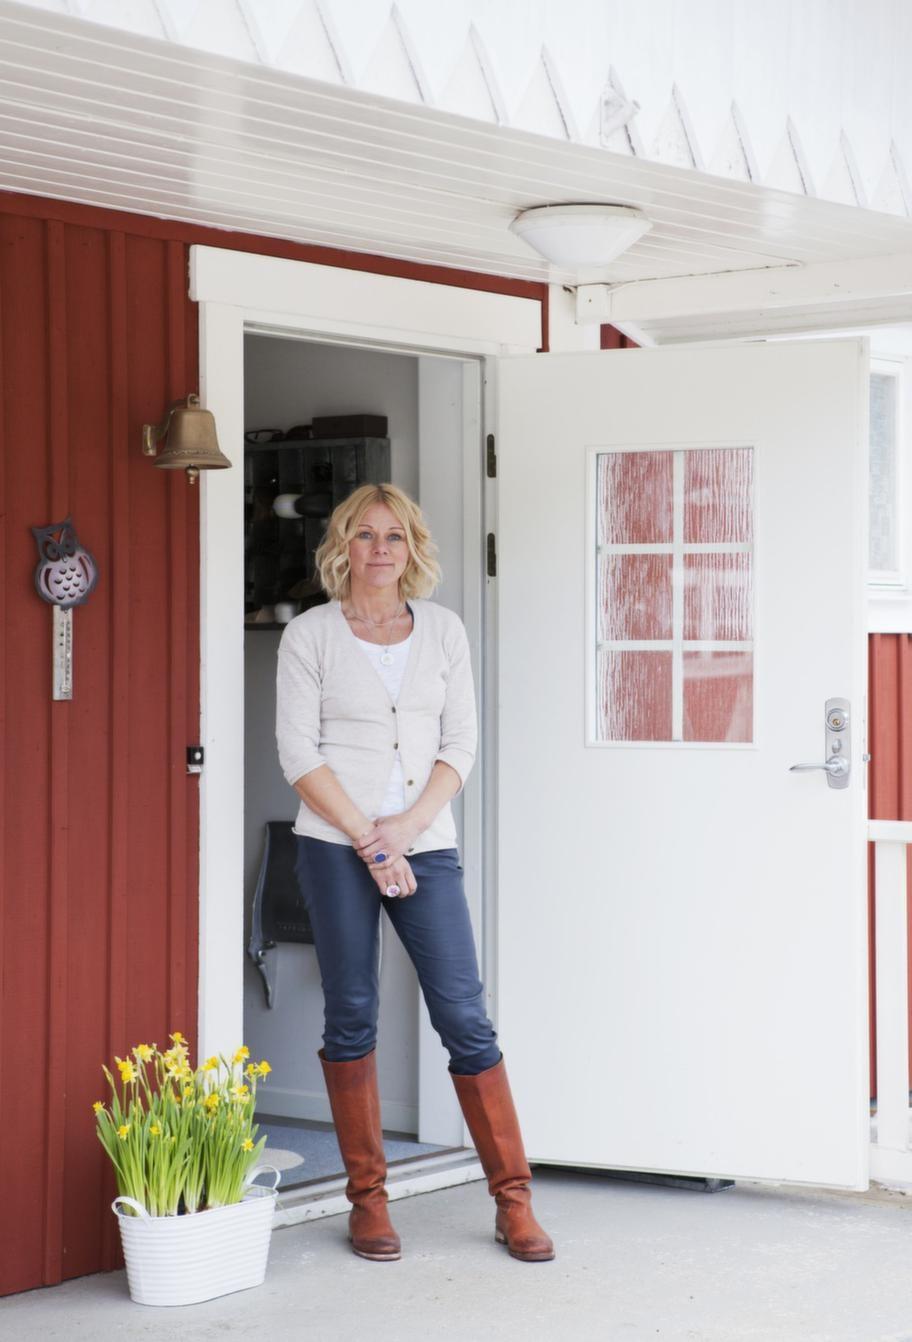 Som en av alla mästerslöjdare ställer Anna Wengdin ut i sommar på Sätergläntan, skolan för slöjd och hantverk i Insjön.